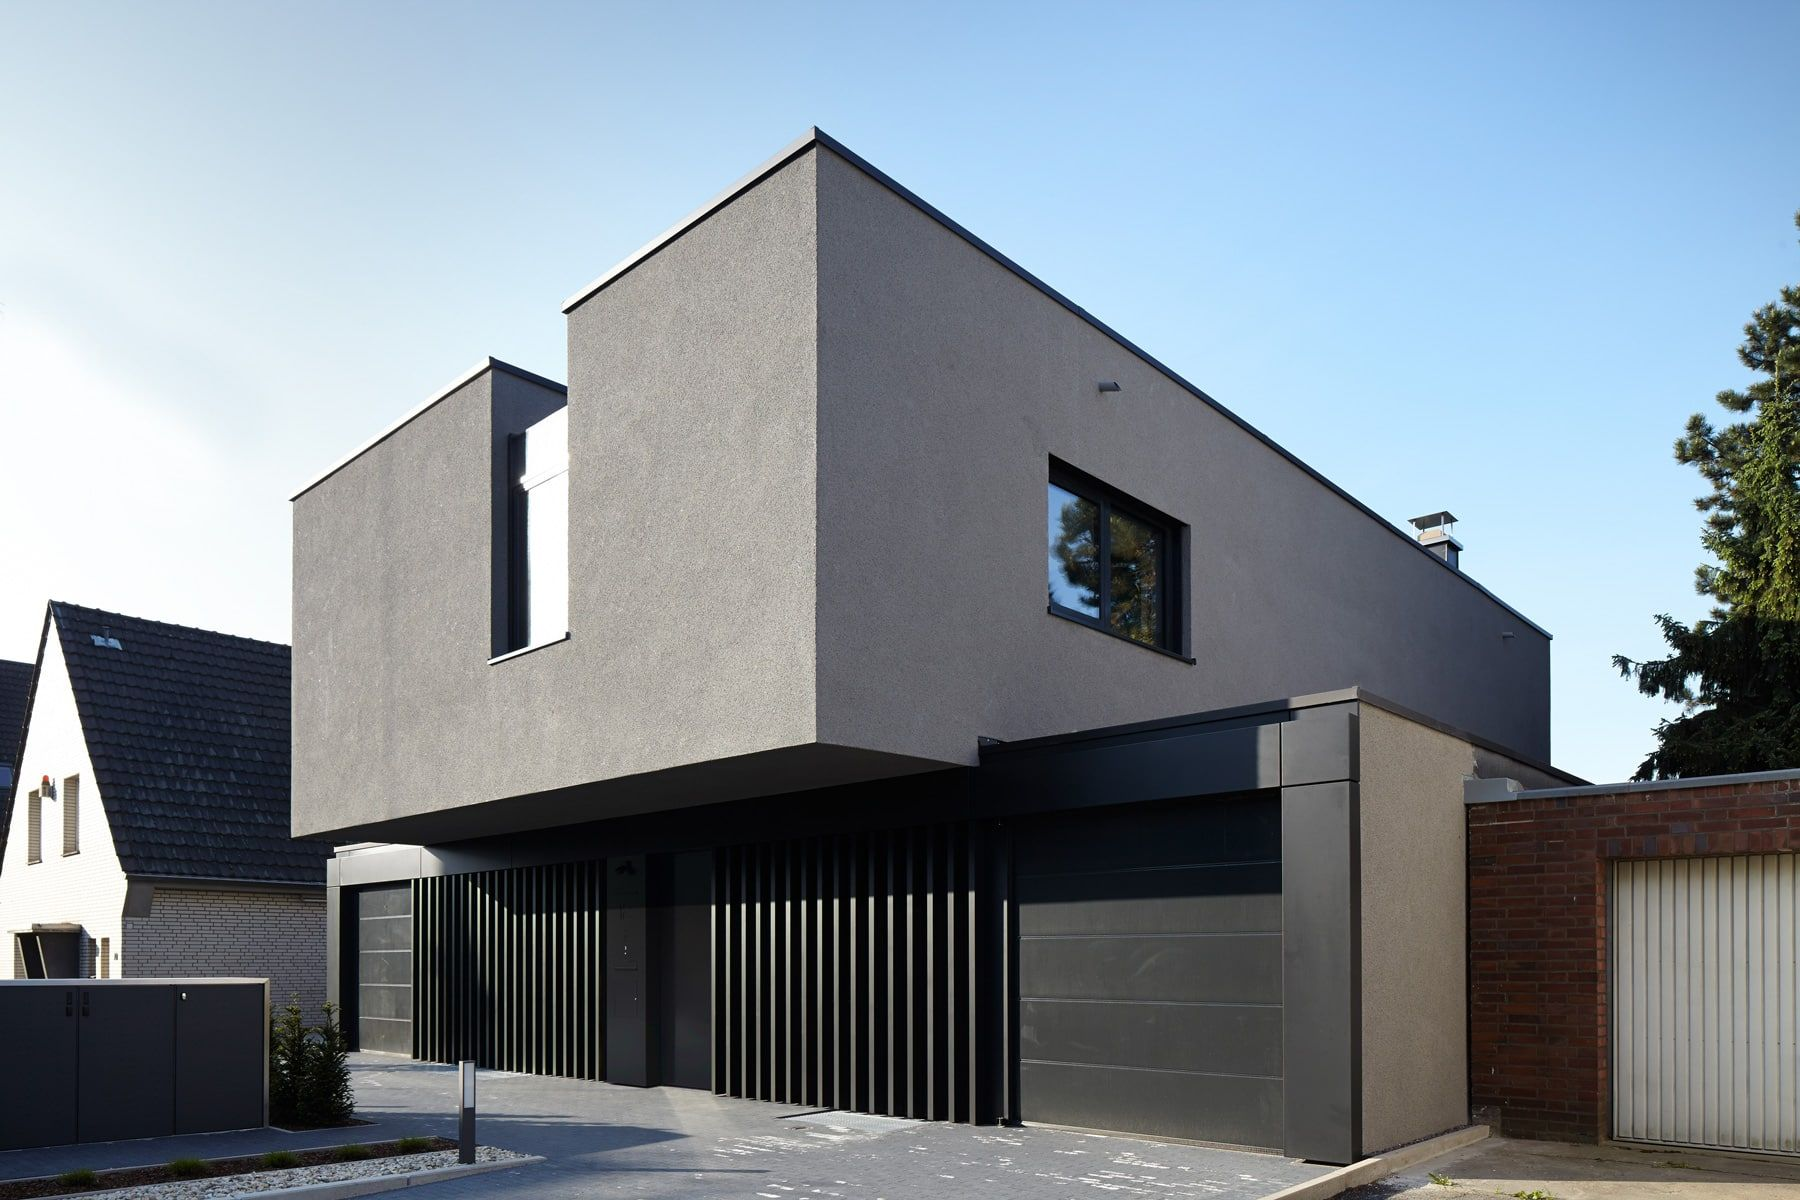 Moderne einfahrten einfamilienhaus  Pin von Robert Mateja auf Haus | Pinterest | Einfamilienhaus ...